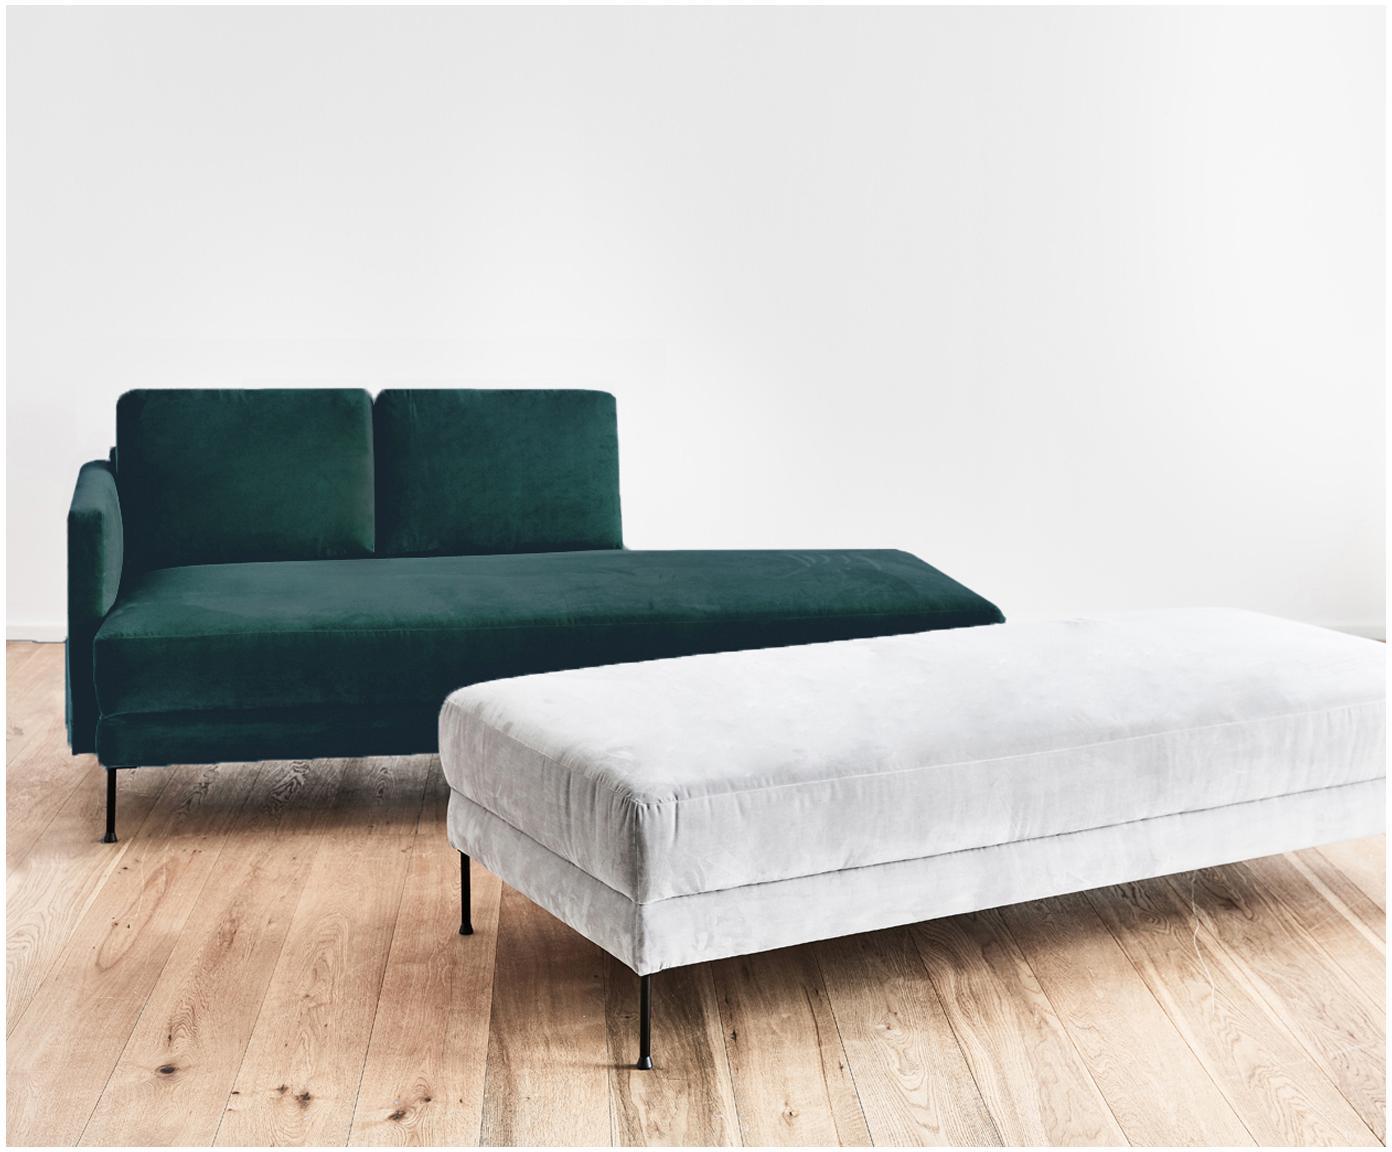 Fluwelen chaise longue Fluente, Bekleding: fluweel (hoogwaardig poly, Frame: massief grenenhout, Poten: gelakt metaal, Donkergroen, B 201 x D 83 cm